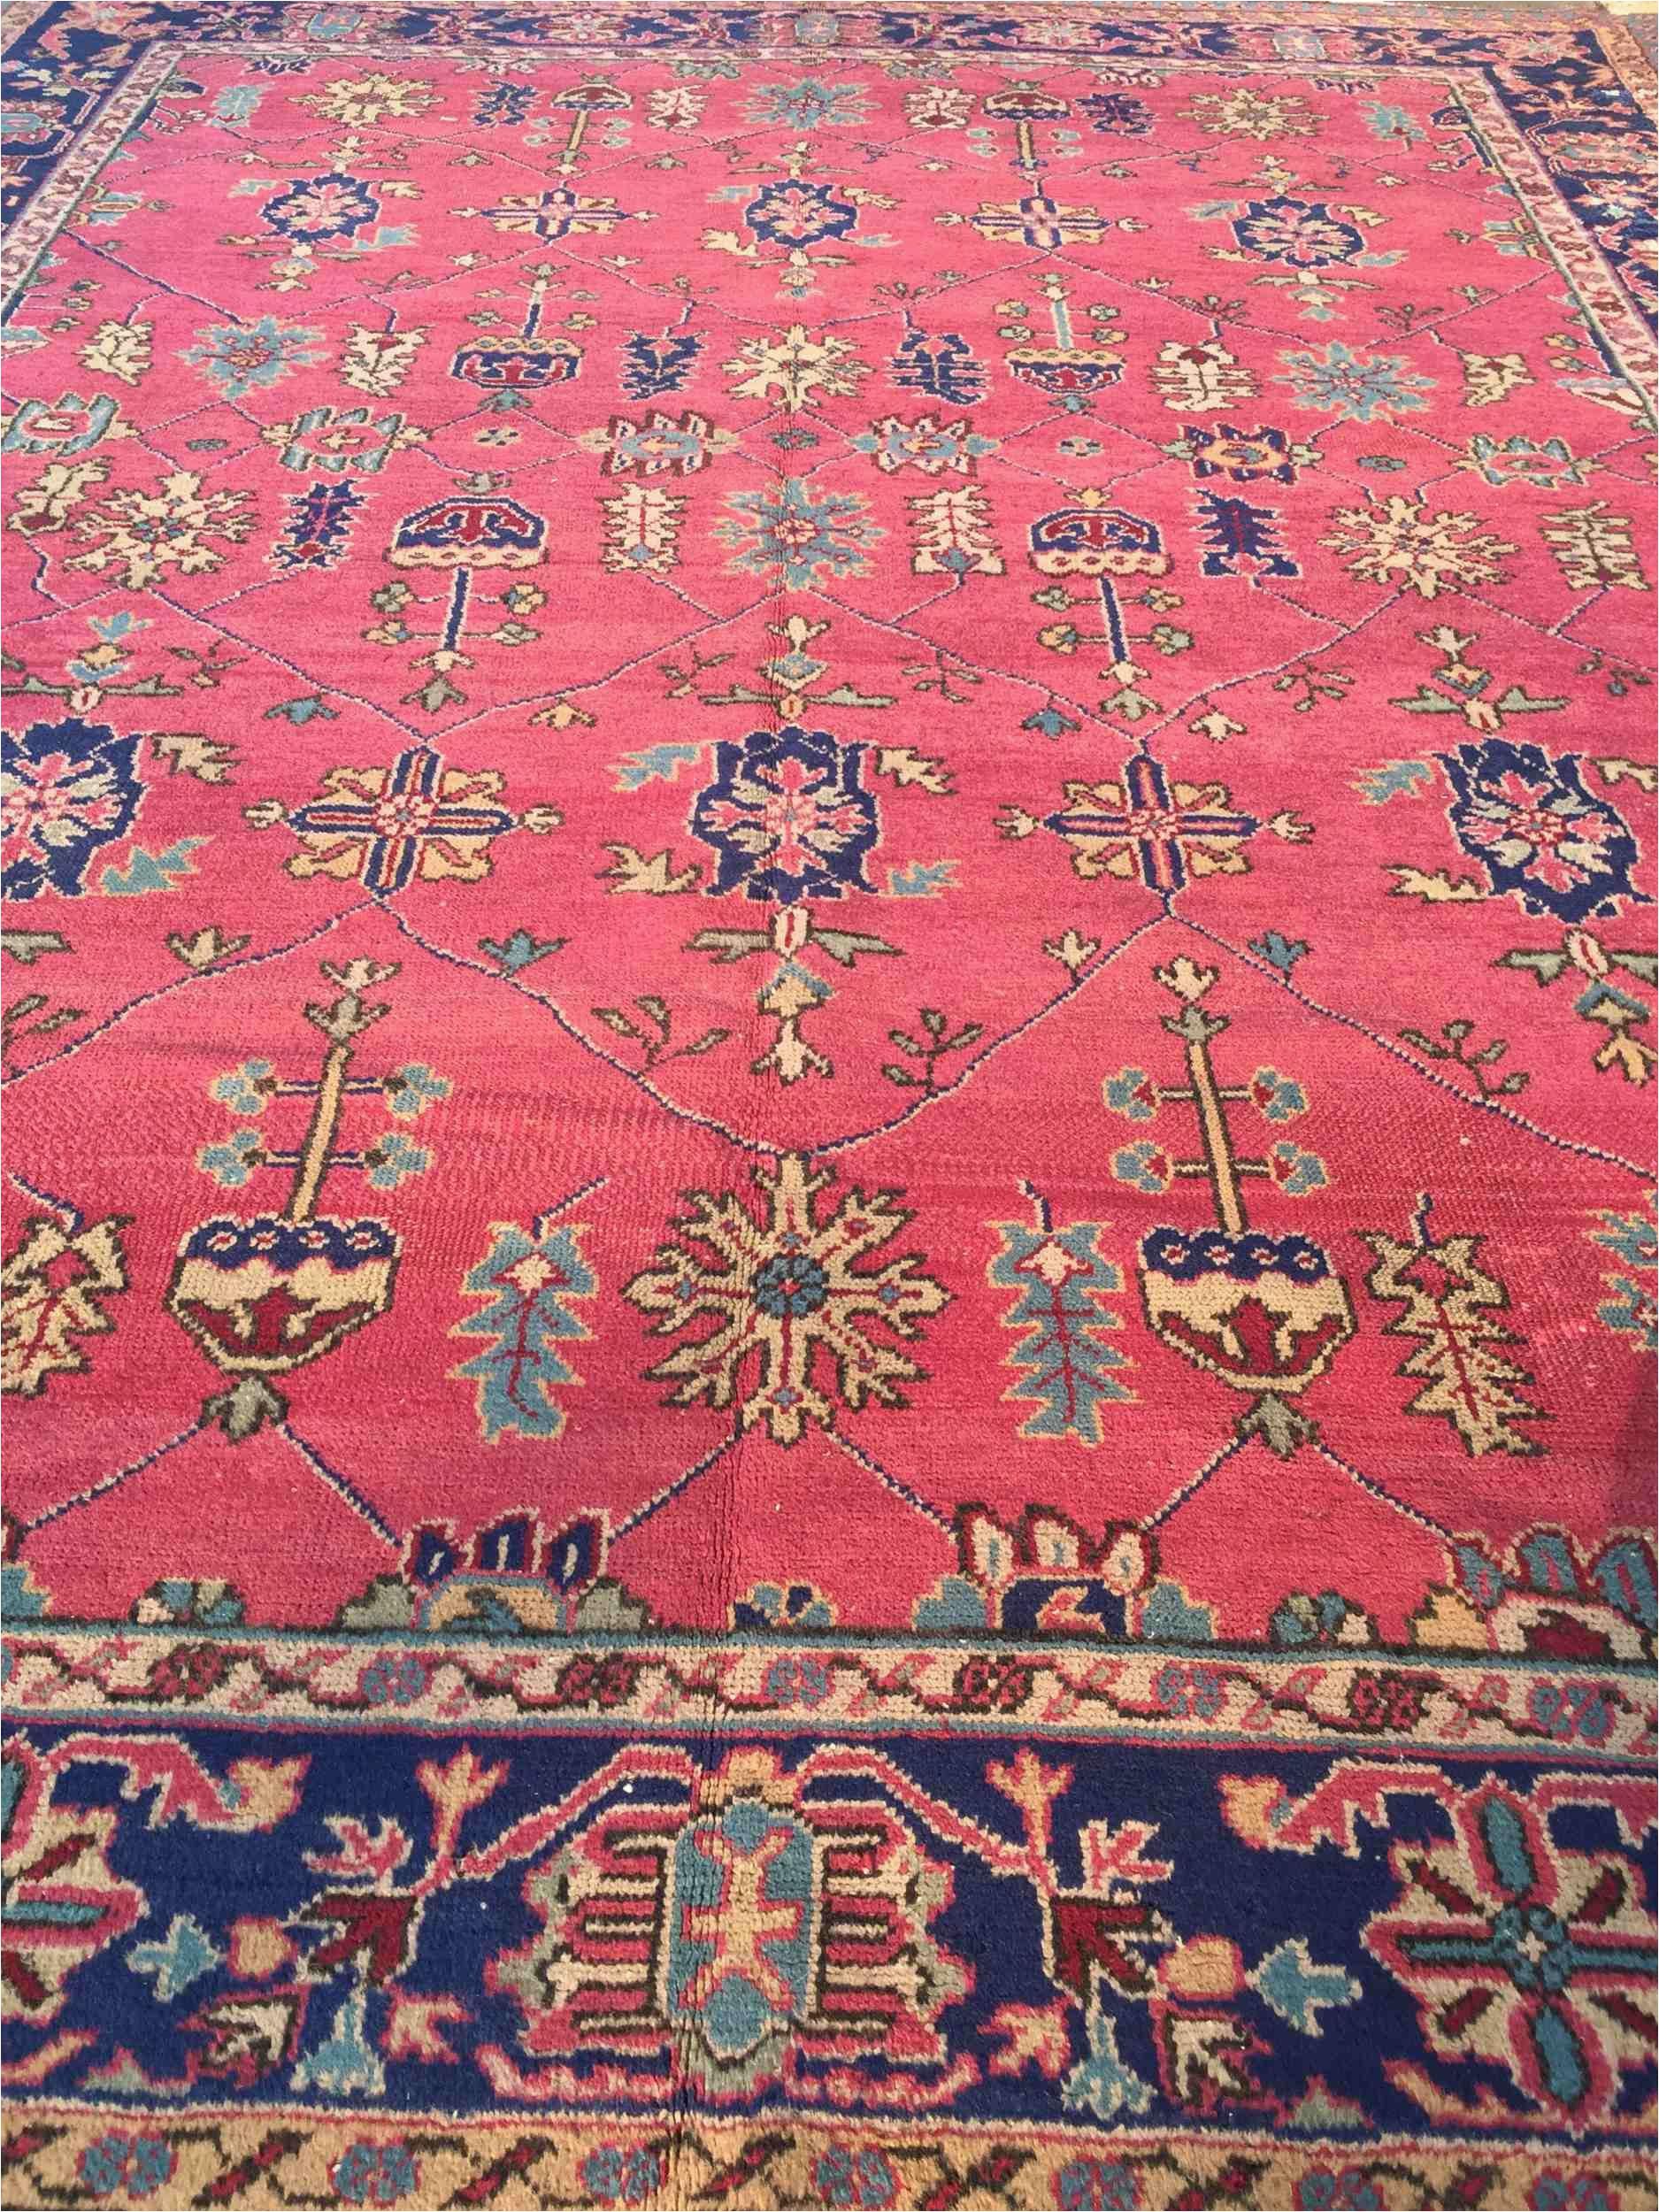 Area Rug for 10×12 Room Vintage Turkish Rug 10×12 Oushak isparta Rug